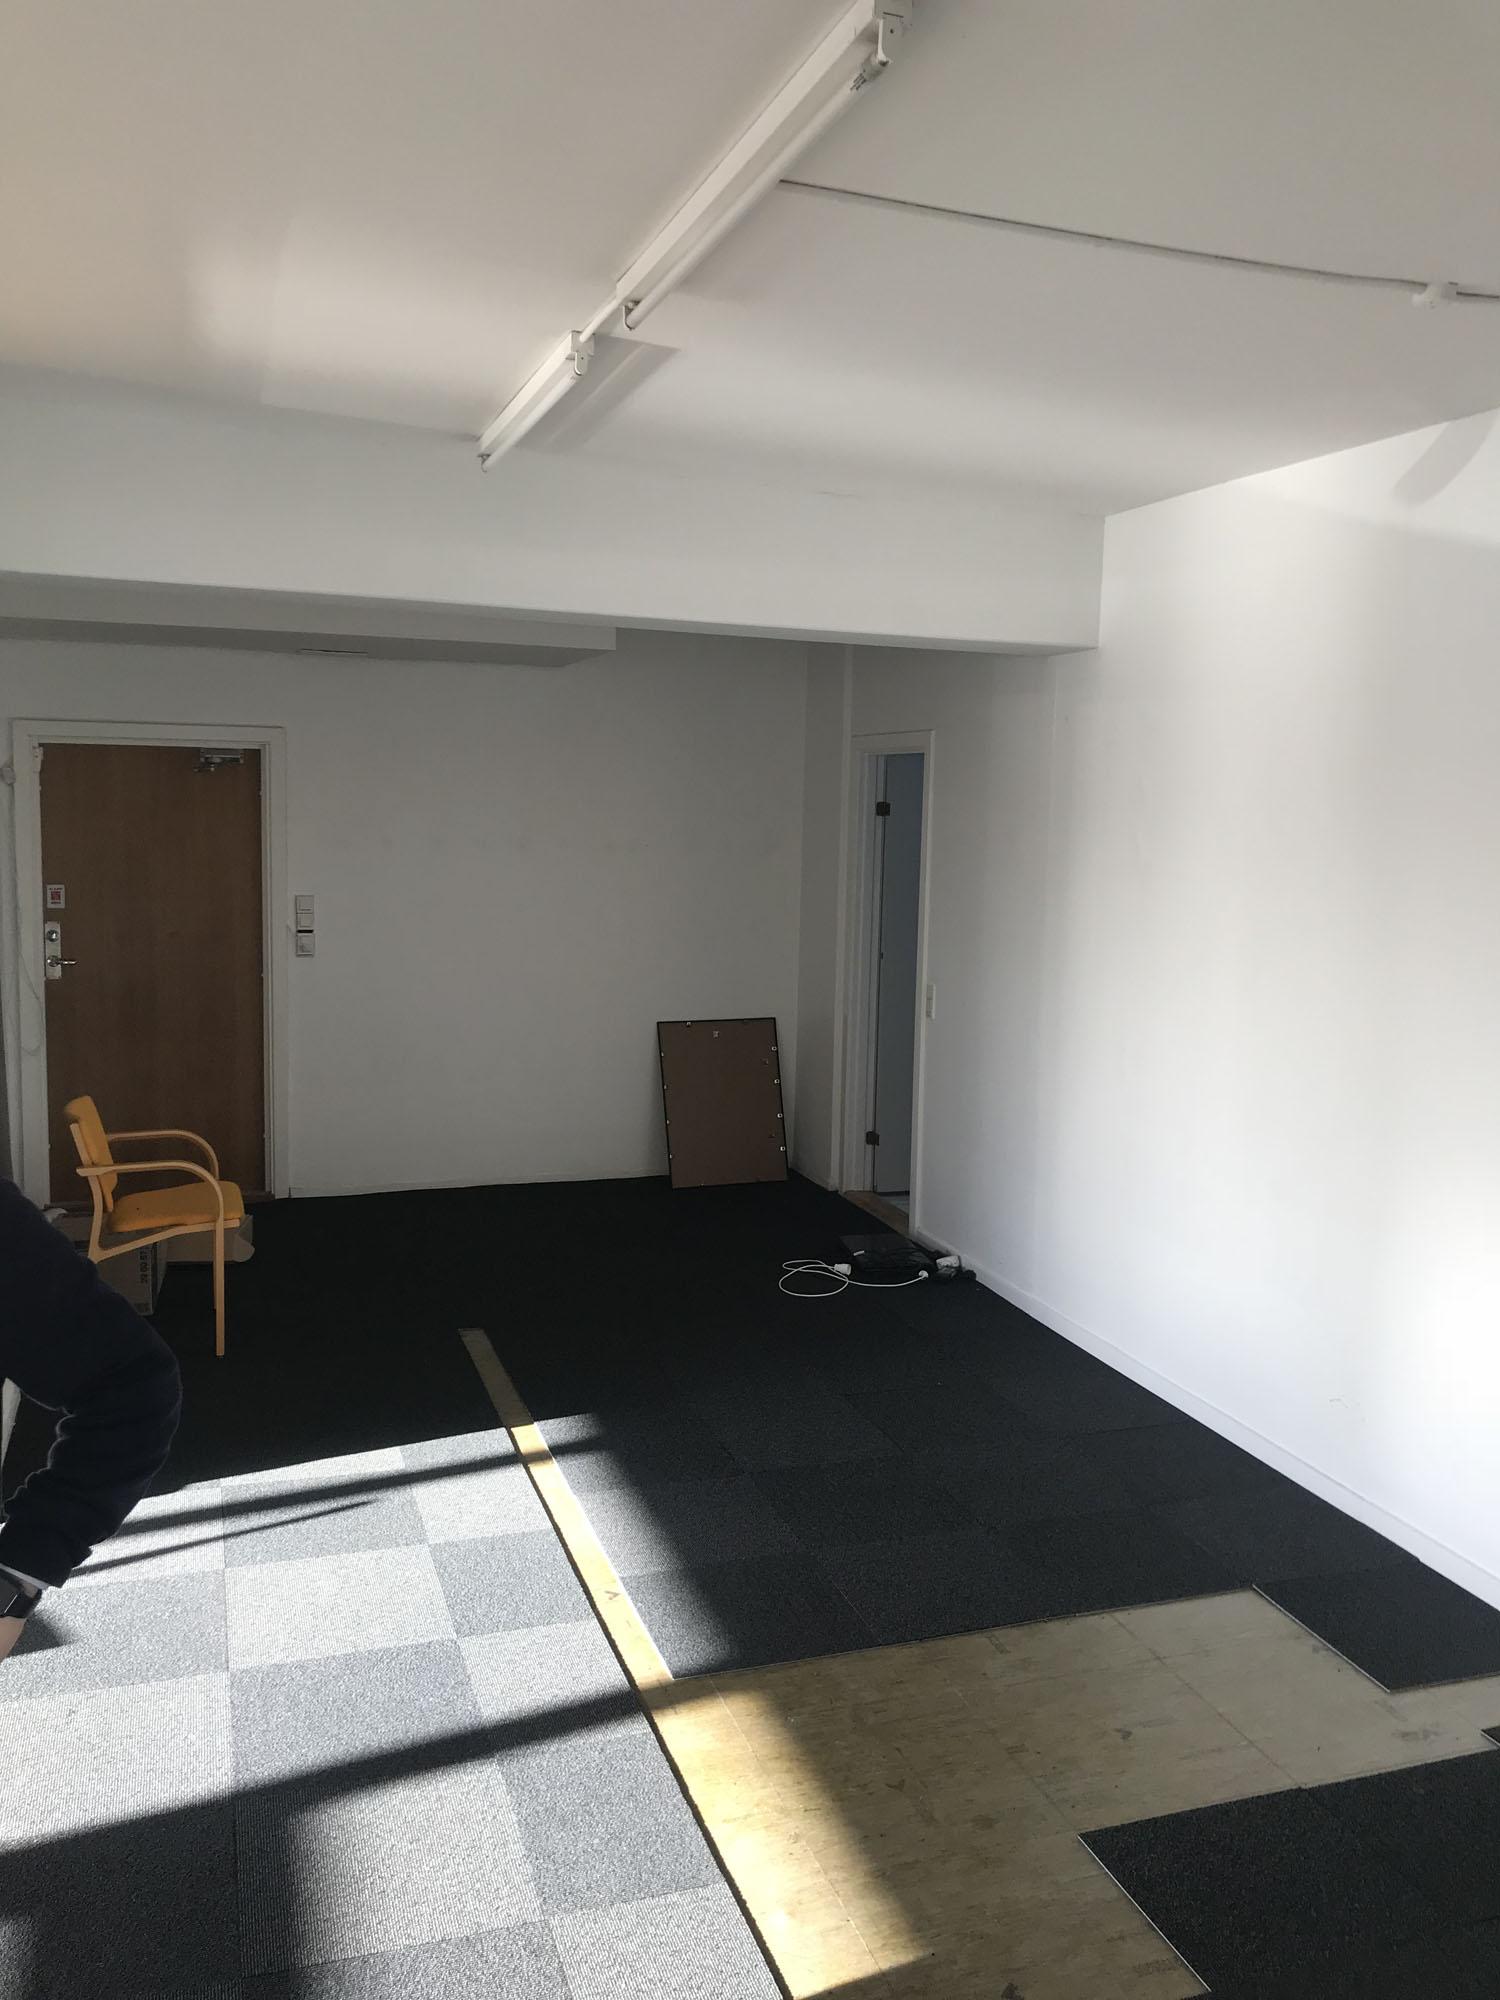 Receptionsområdet og lageret...